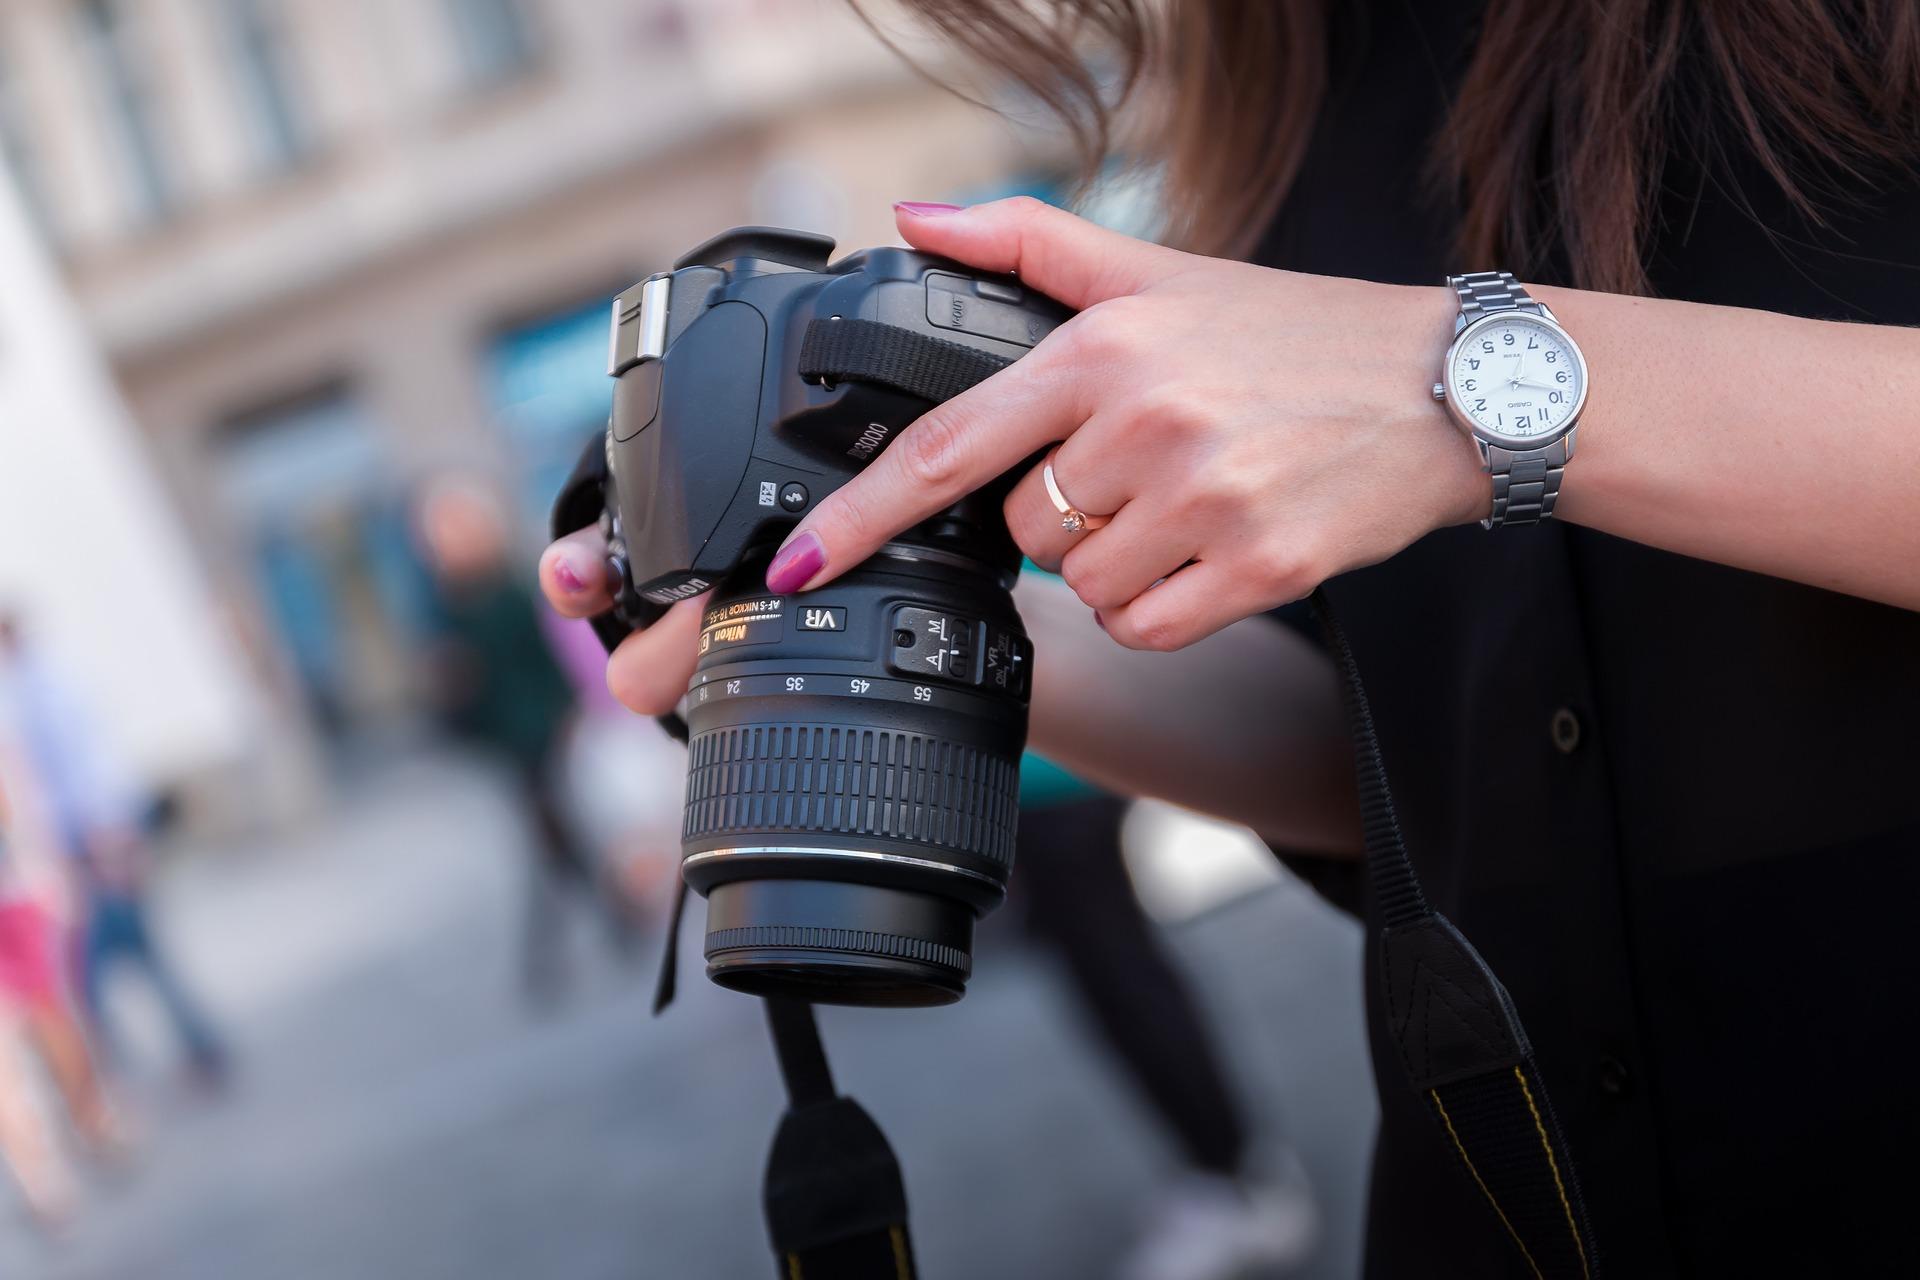 Imagem de uma mulher ajustando sua câmera.